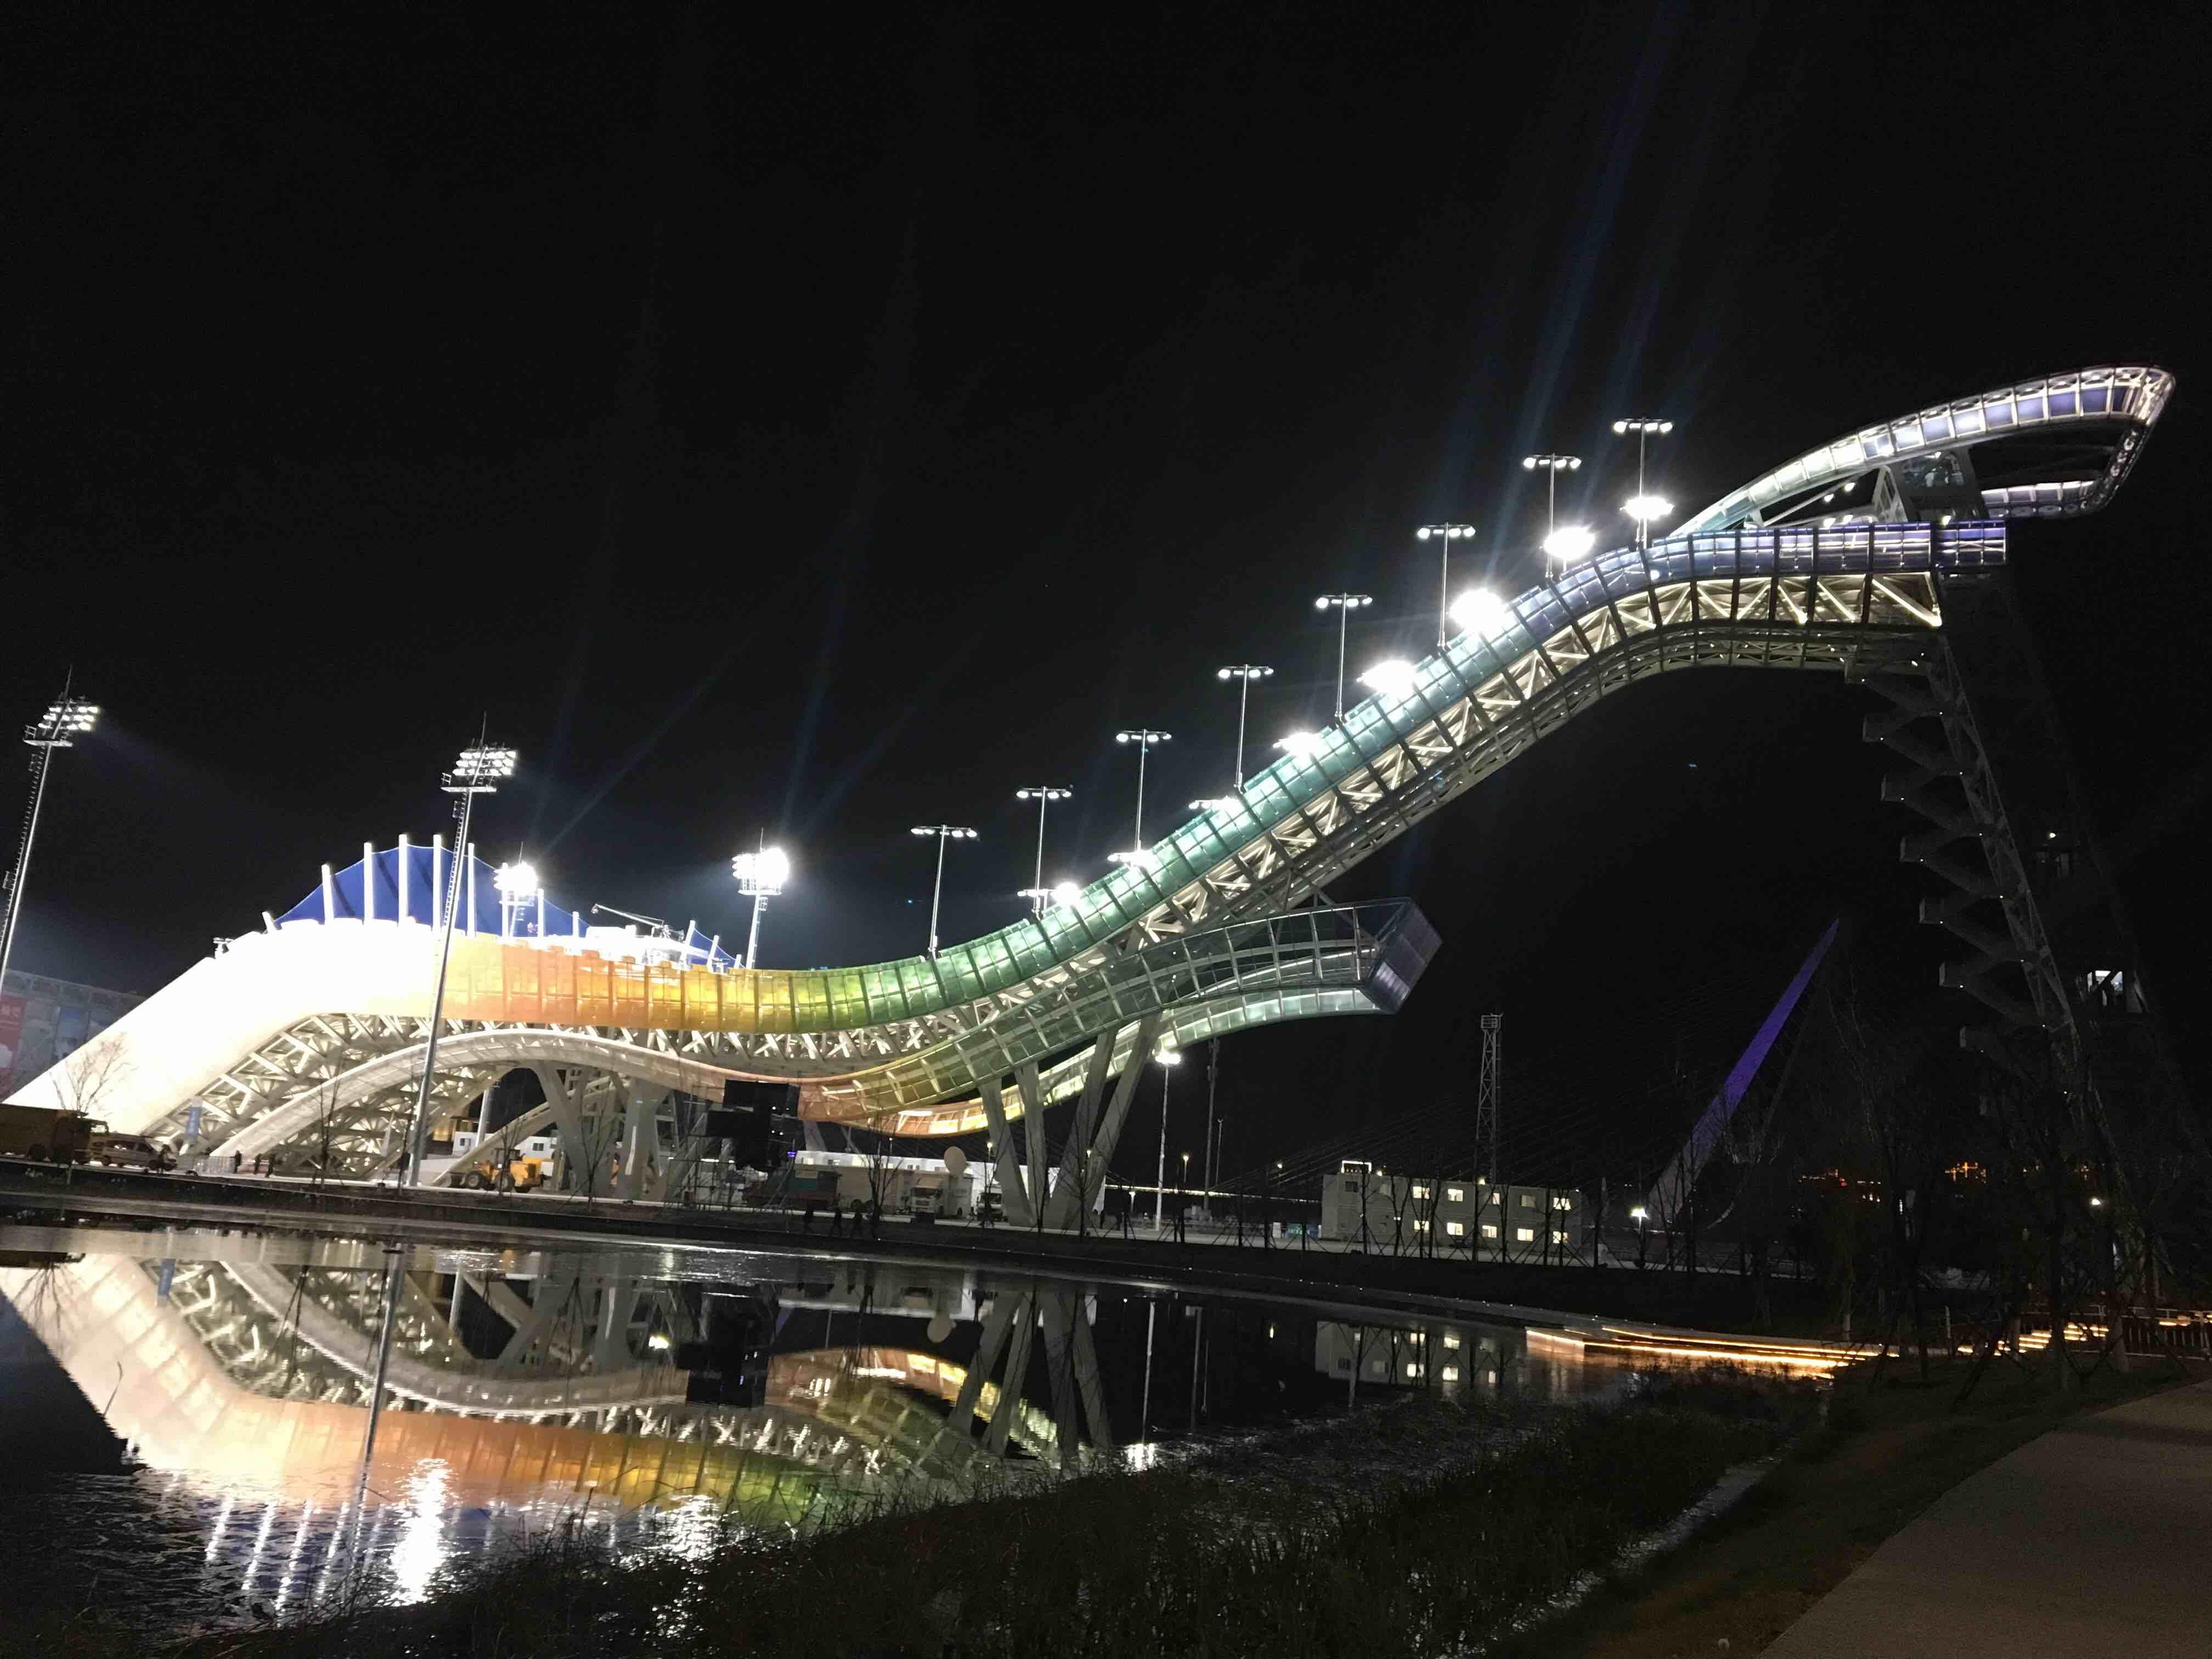 2019沸雪世界杯精彩落幕 灯光秀闪耀首钢大跳台